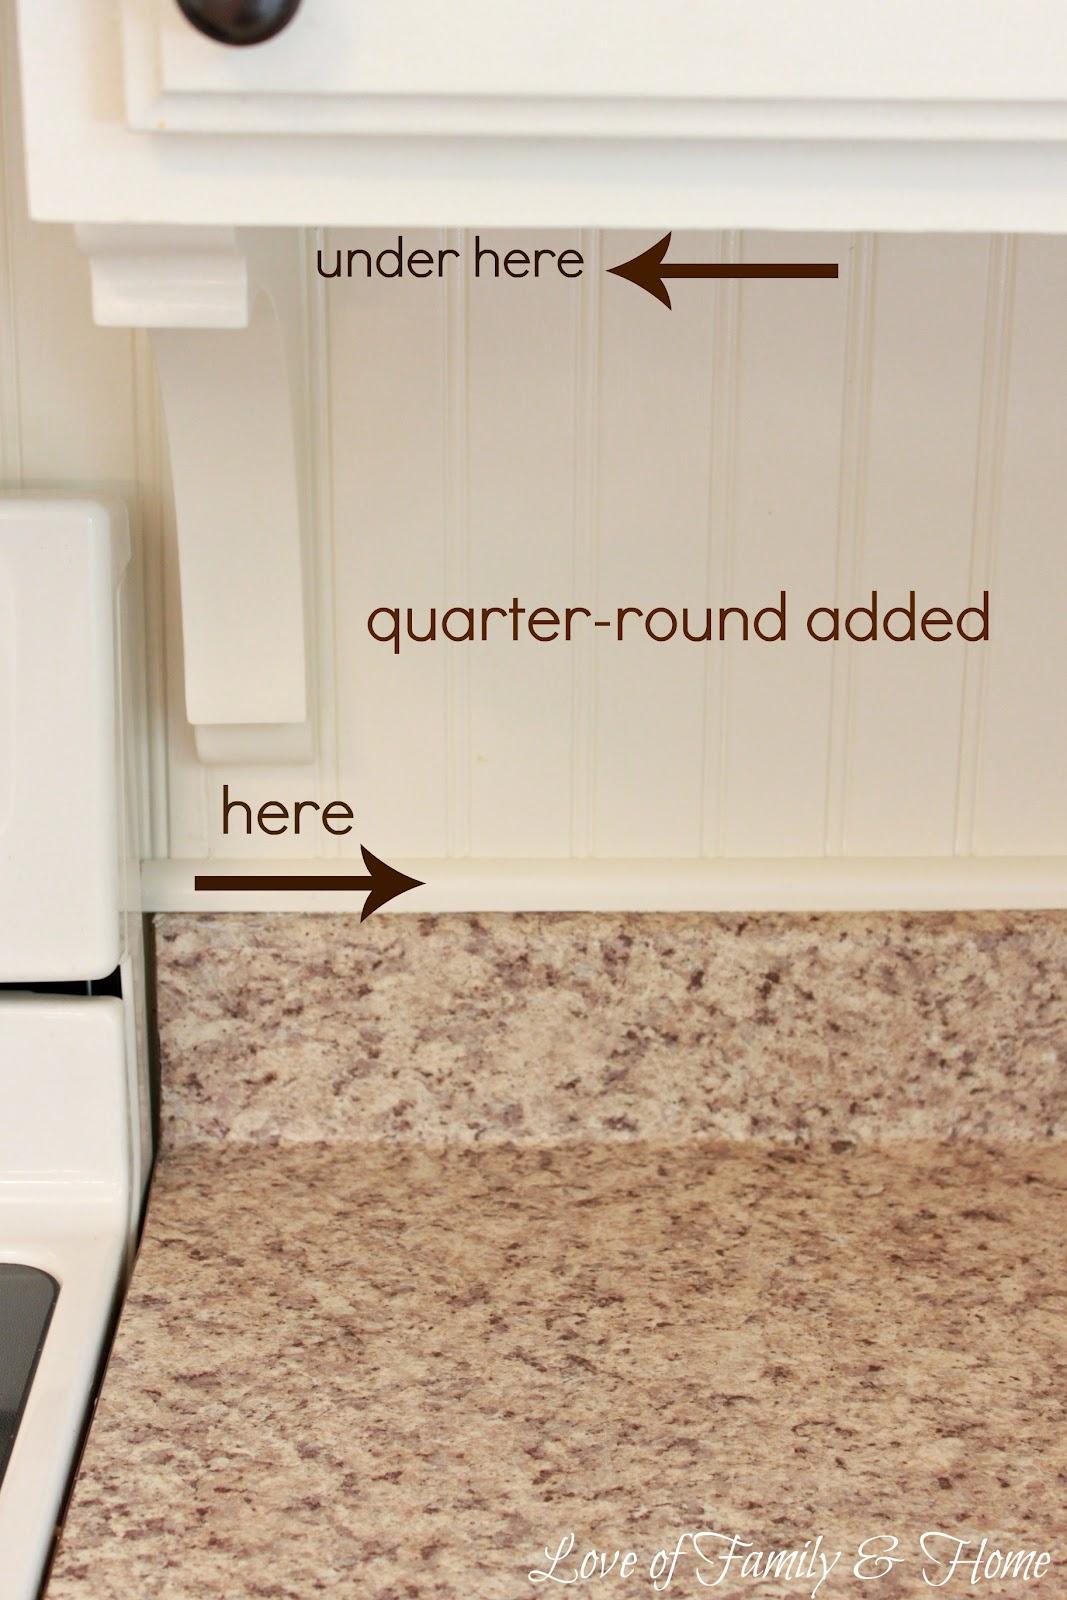 Trim Kitchen Backsplash With Quarter Round